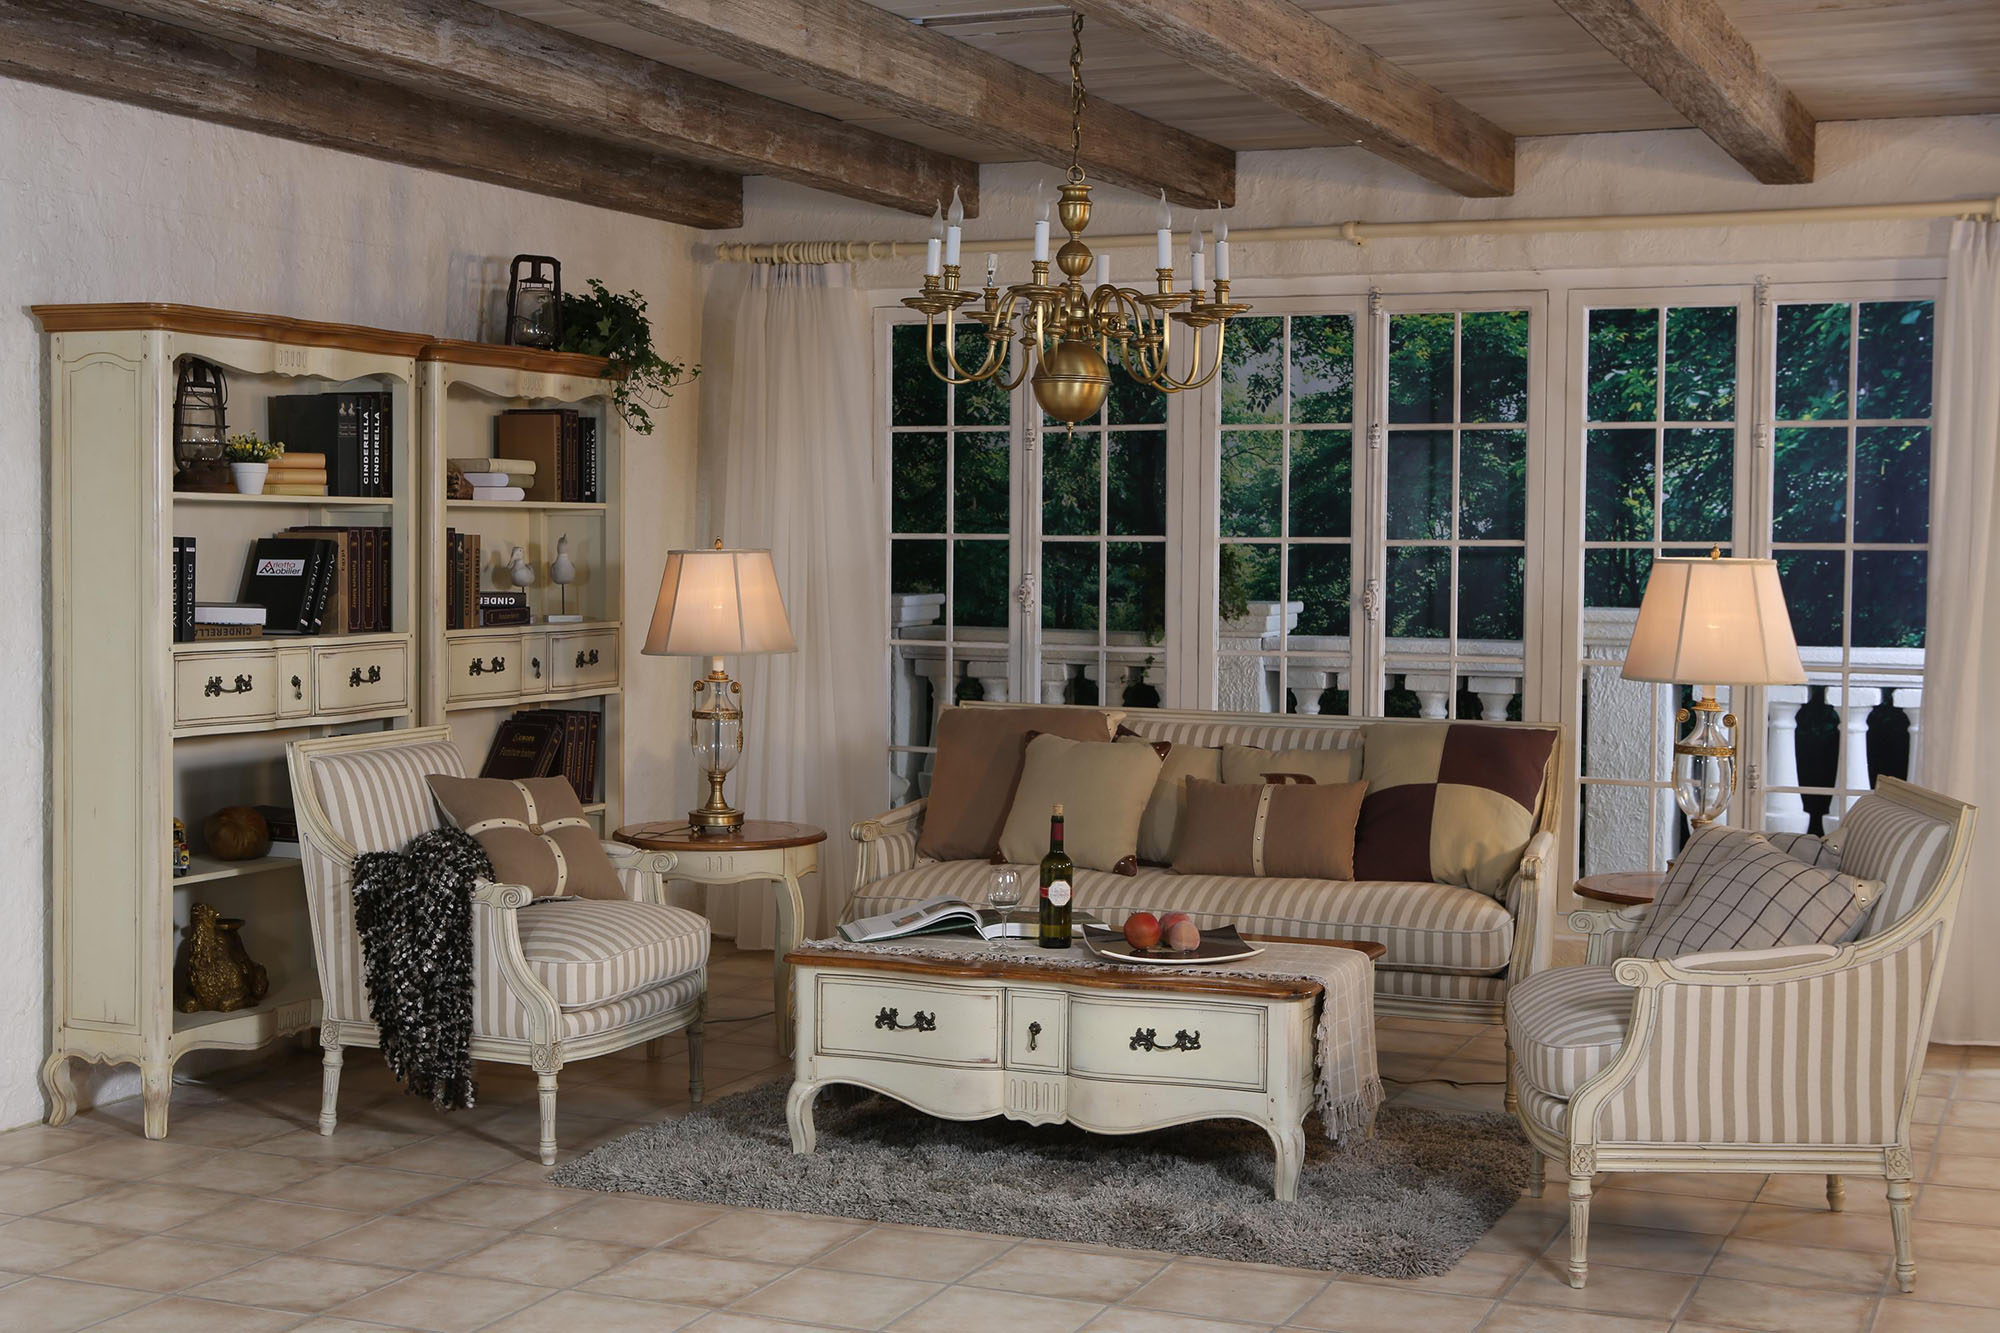 Интерьер Гостиной в Стиле Прованс, Мебель и Декор во Французском Стиле, Современное и Классическое Оформление Квартиры Или Дачи